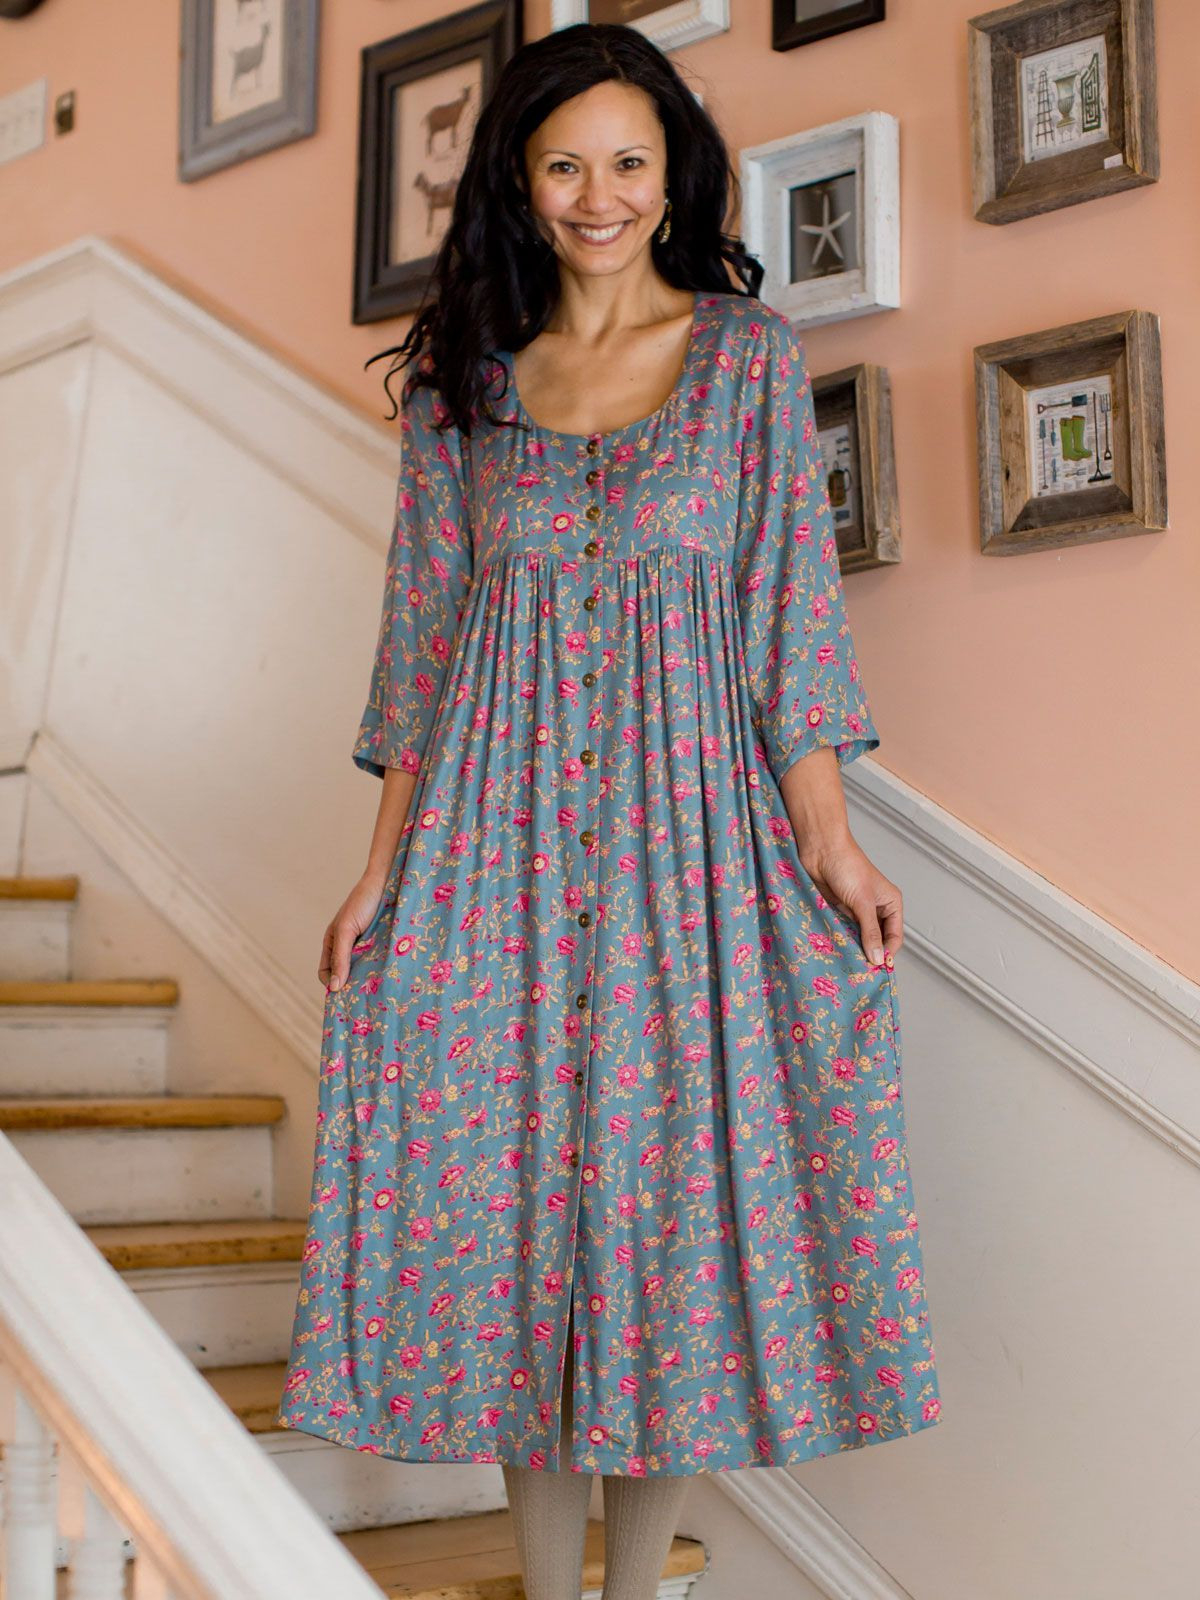 Fabelhafte Neue April Cornell Kleidung Kinderkleidung Und